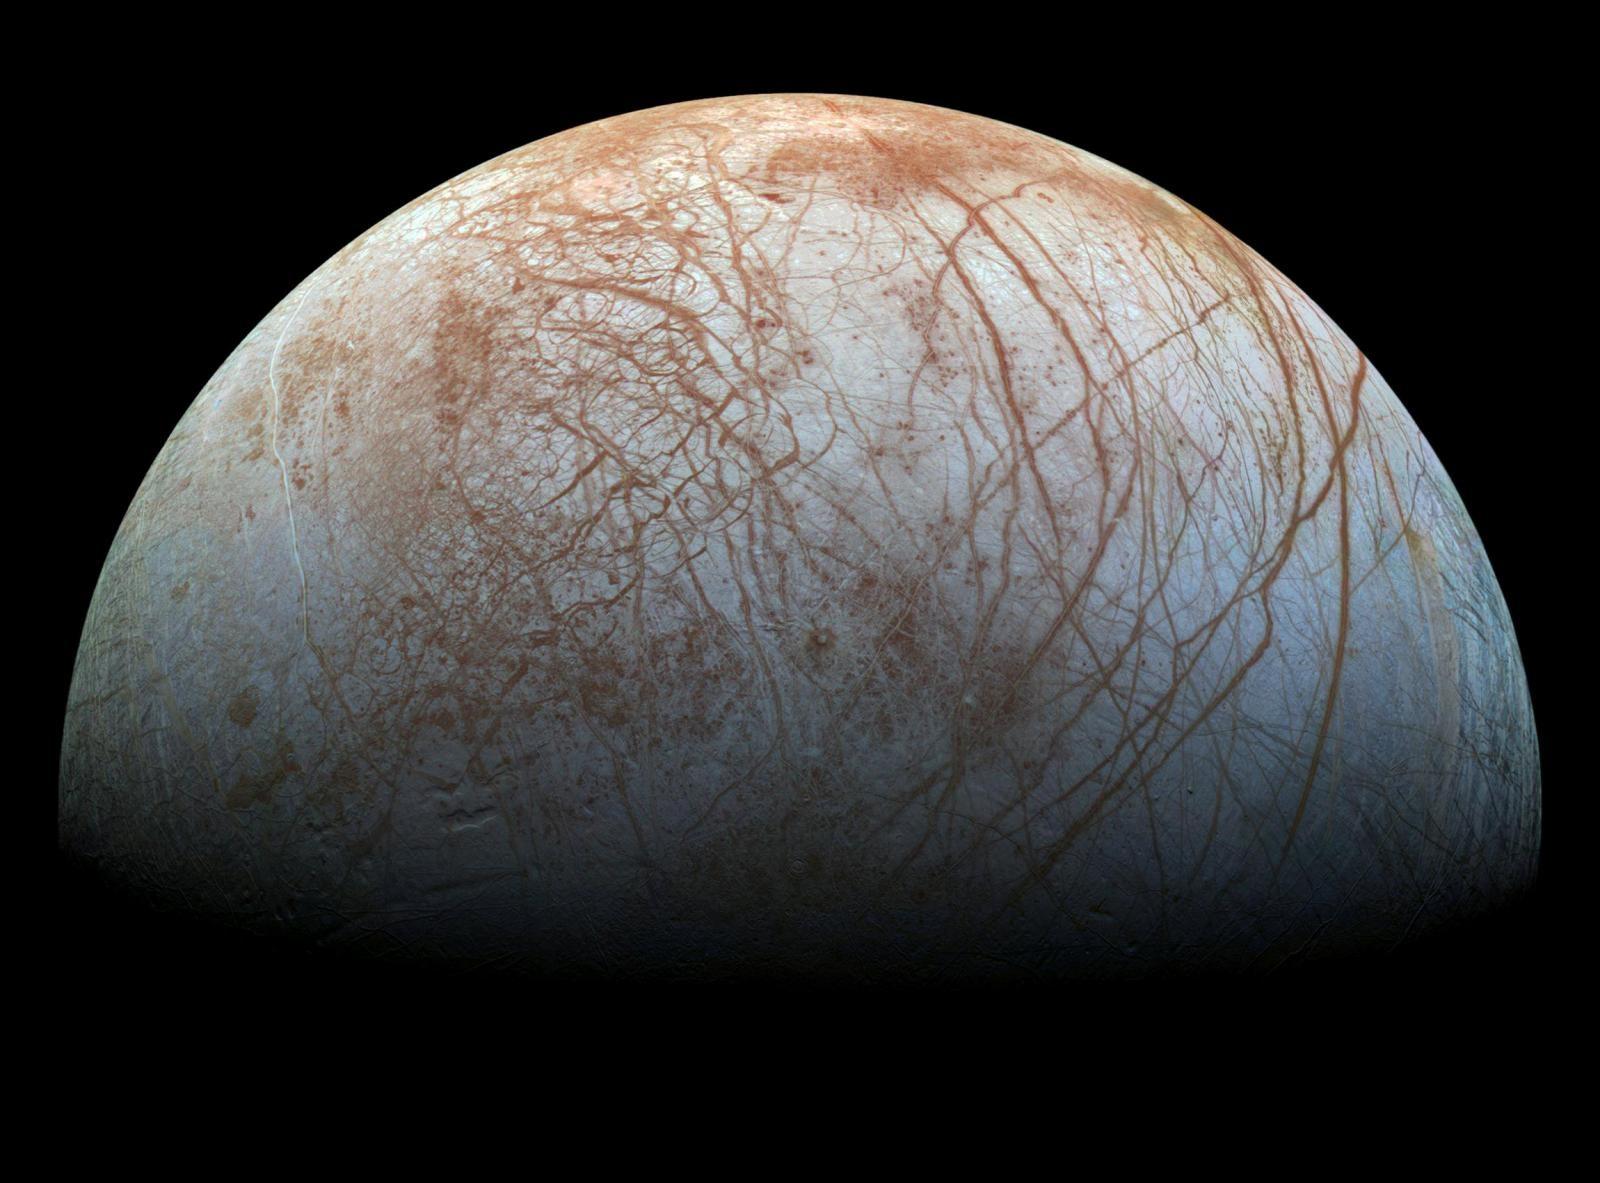 (تصاویر) انسان بعد از کره زمین، اینجا زندگی میکند